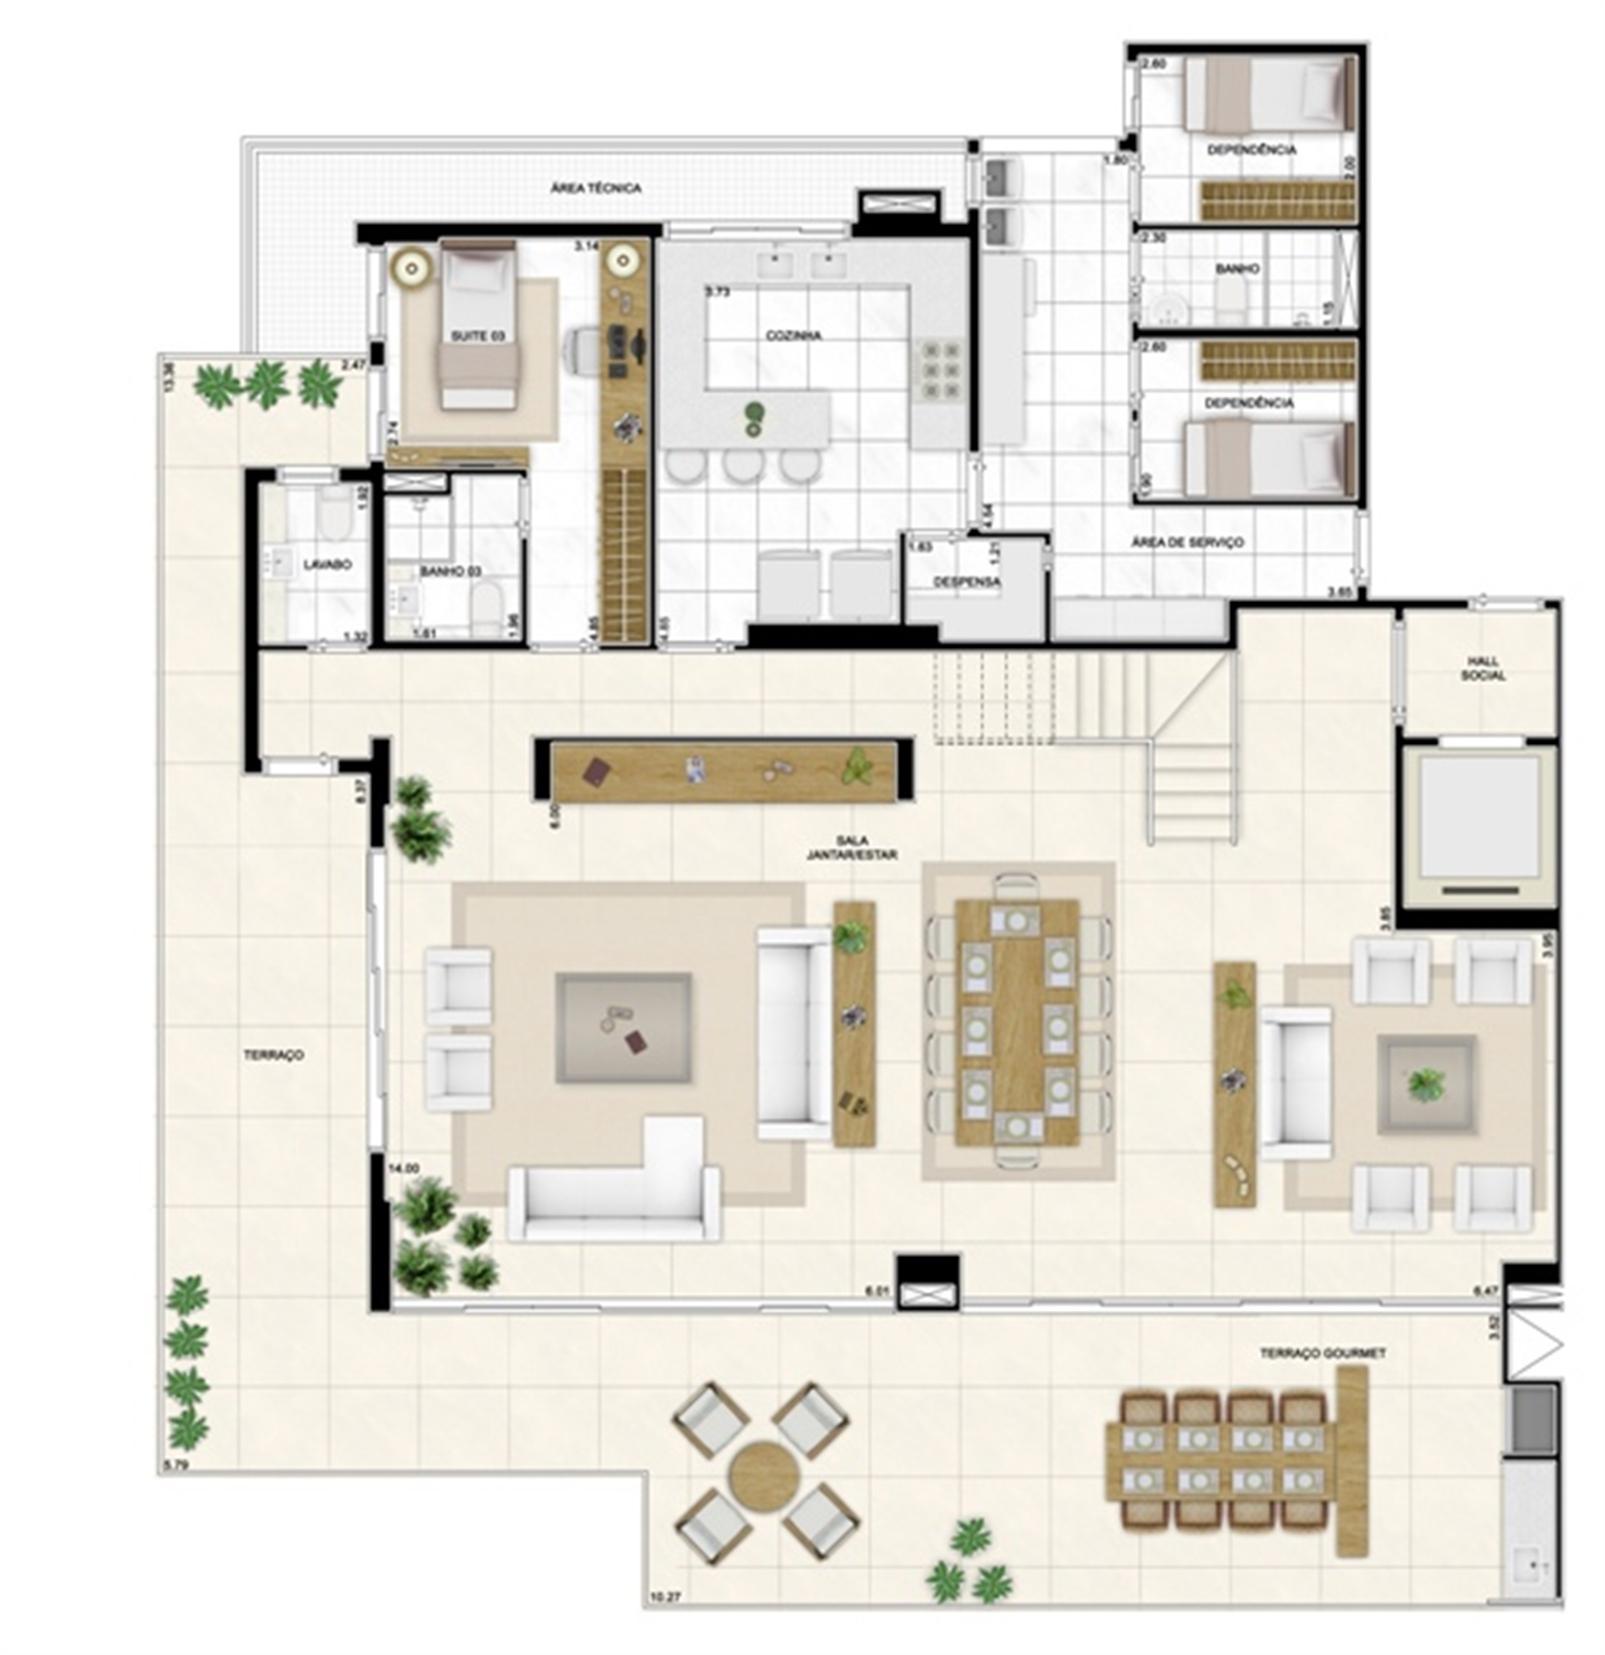 Planta Duplex Inferior 406m² | Infinity Areia Preta – Apartamentona  Areia Preta - Natal - Rio Grande do Norte